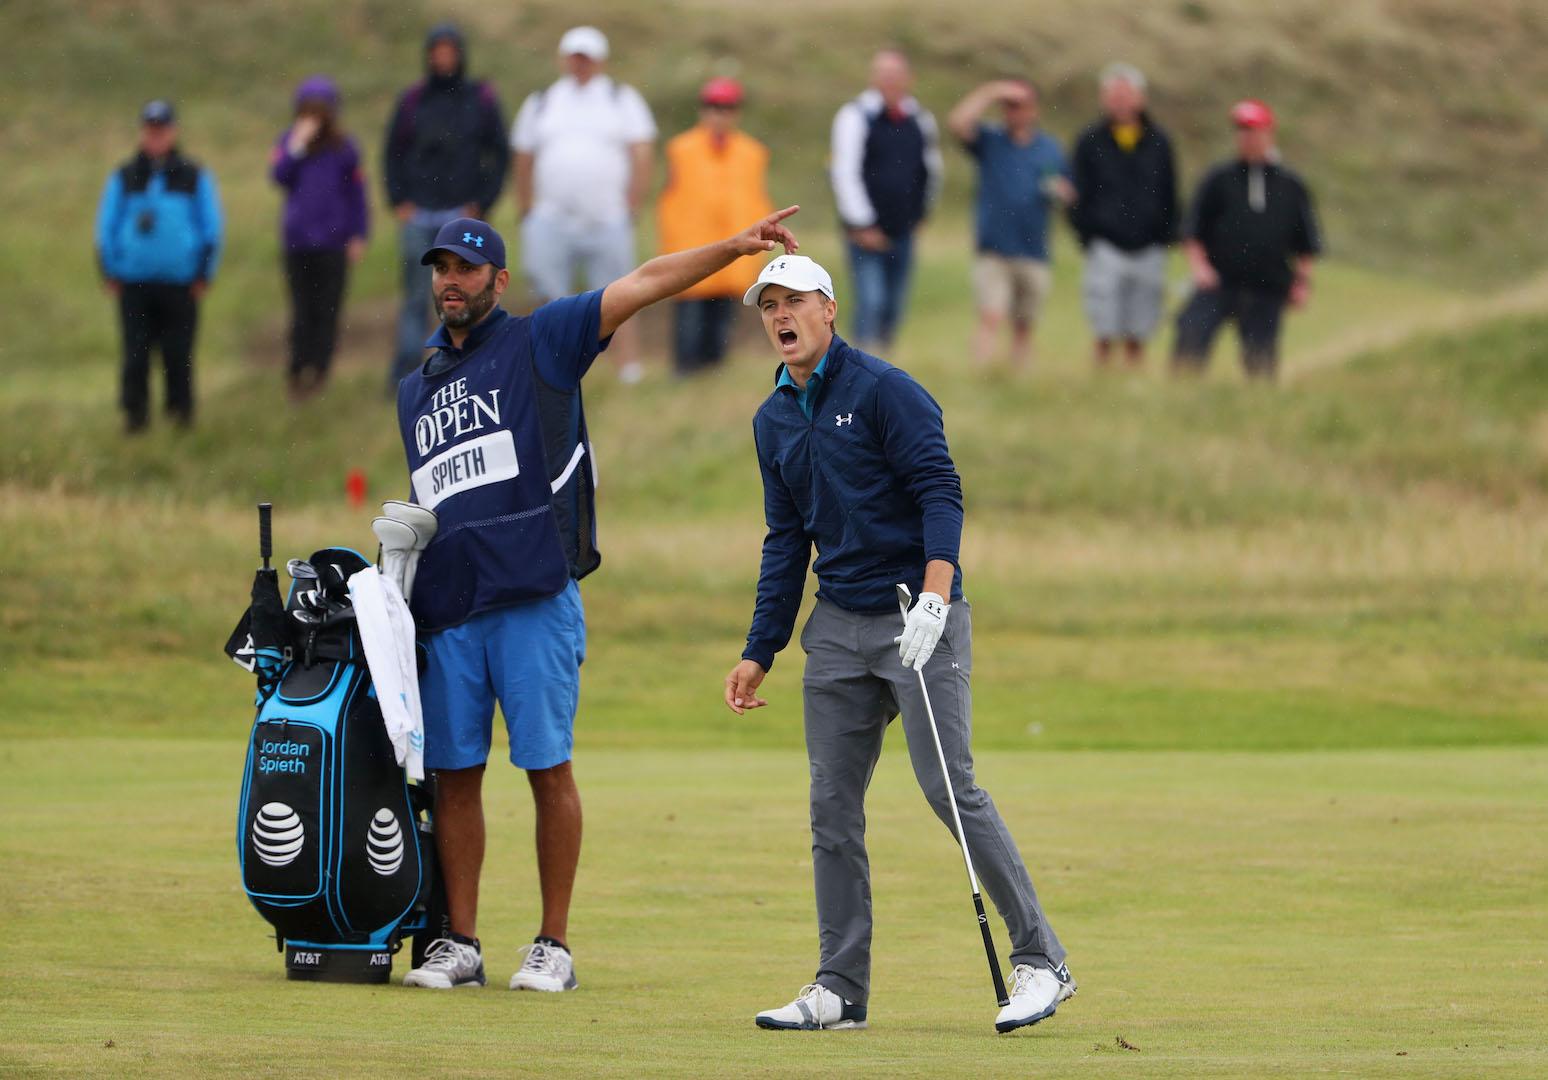 Jordan Spieth's Open winning What's in the Bag